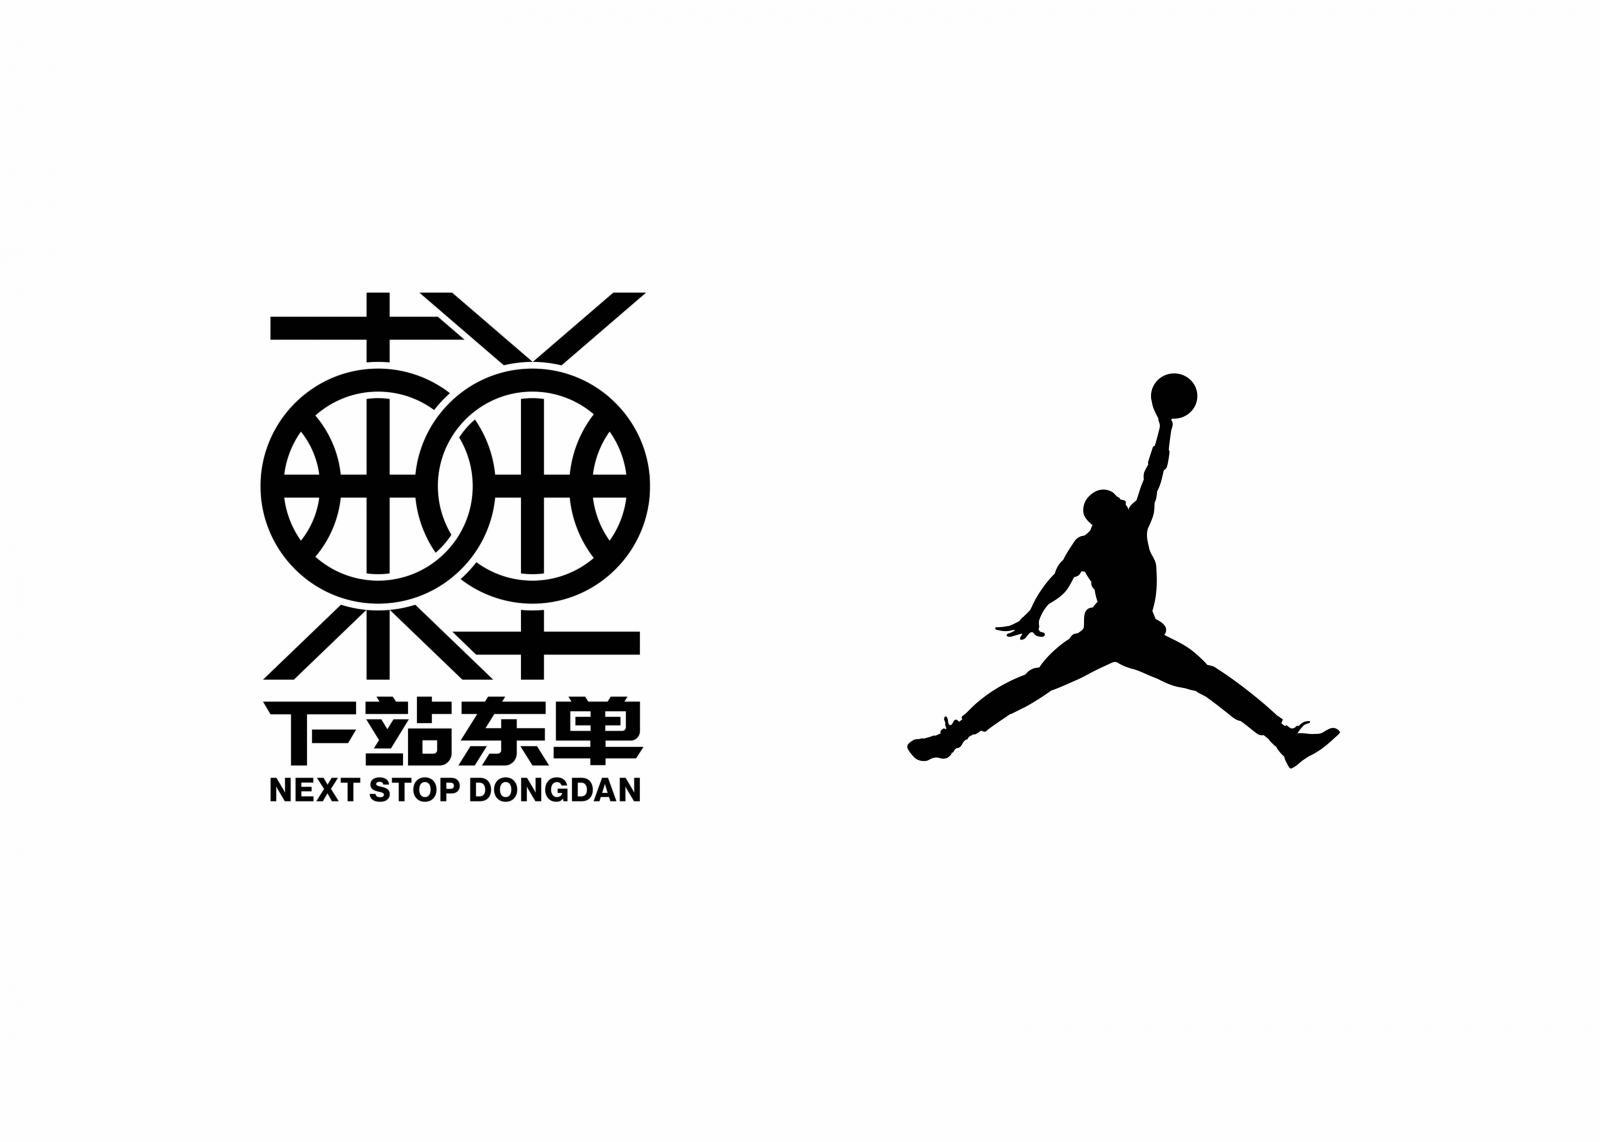 下站东单——JORDAN品牌联手吴悠开启街球赛新篇章